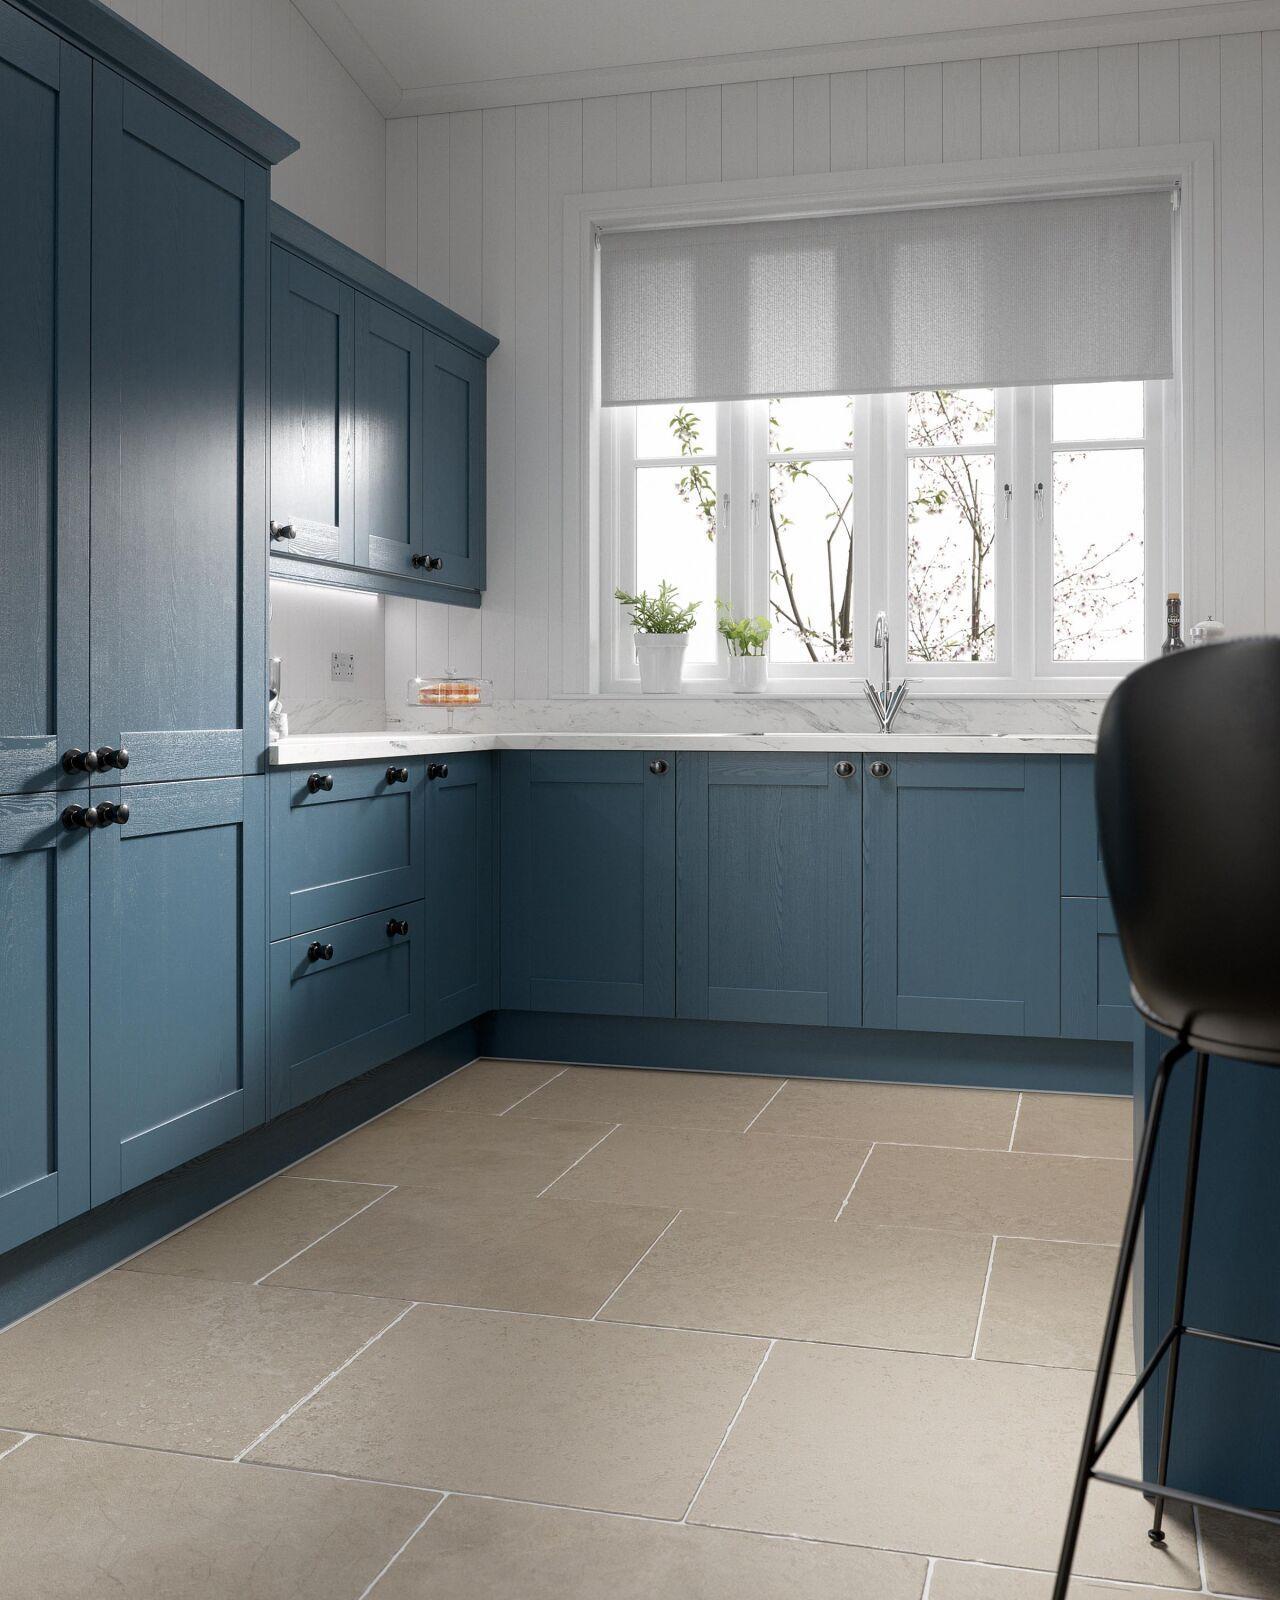 Shaker 5 Piece in Indigo Kitchen in 2020 Indigo kitchen